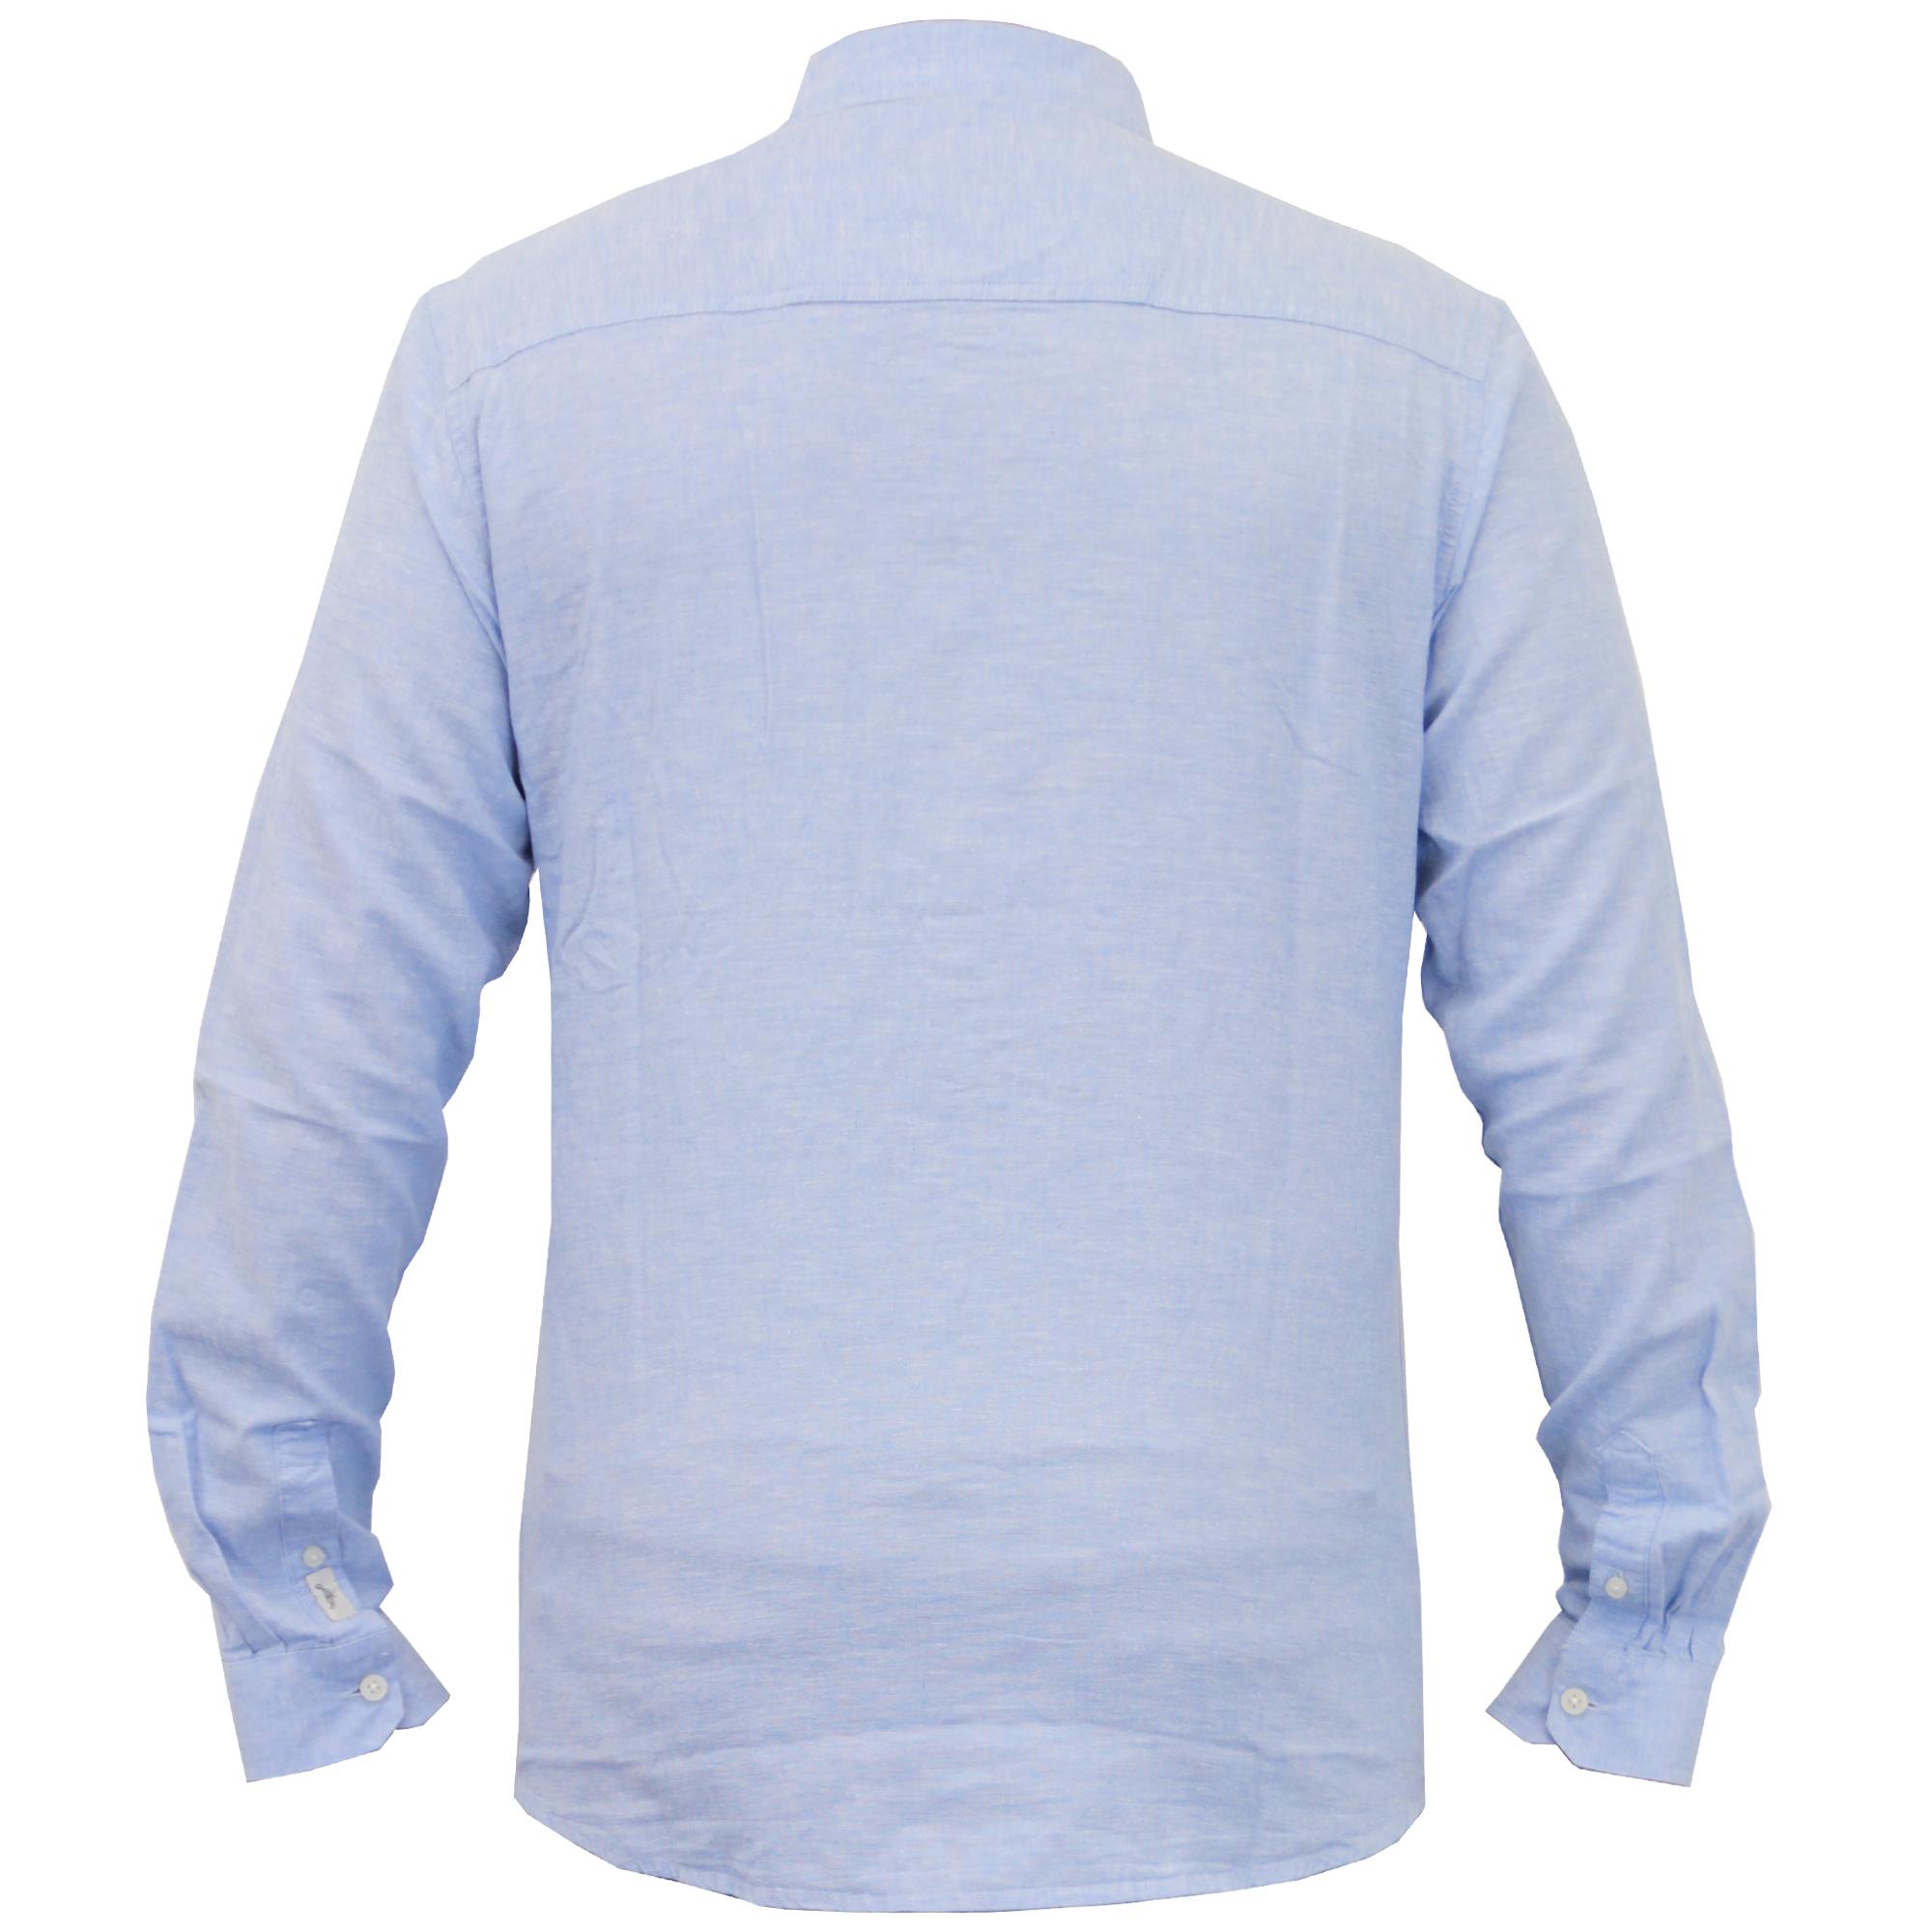 Para-hombres-camisa-de-manga-larga-con-cuello-desgastado-Lino-formales-de-trabajo-informal-de-verano miniatura 3